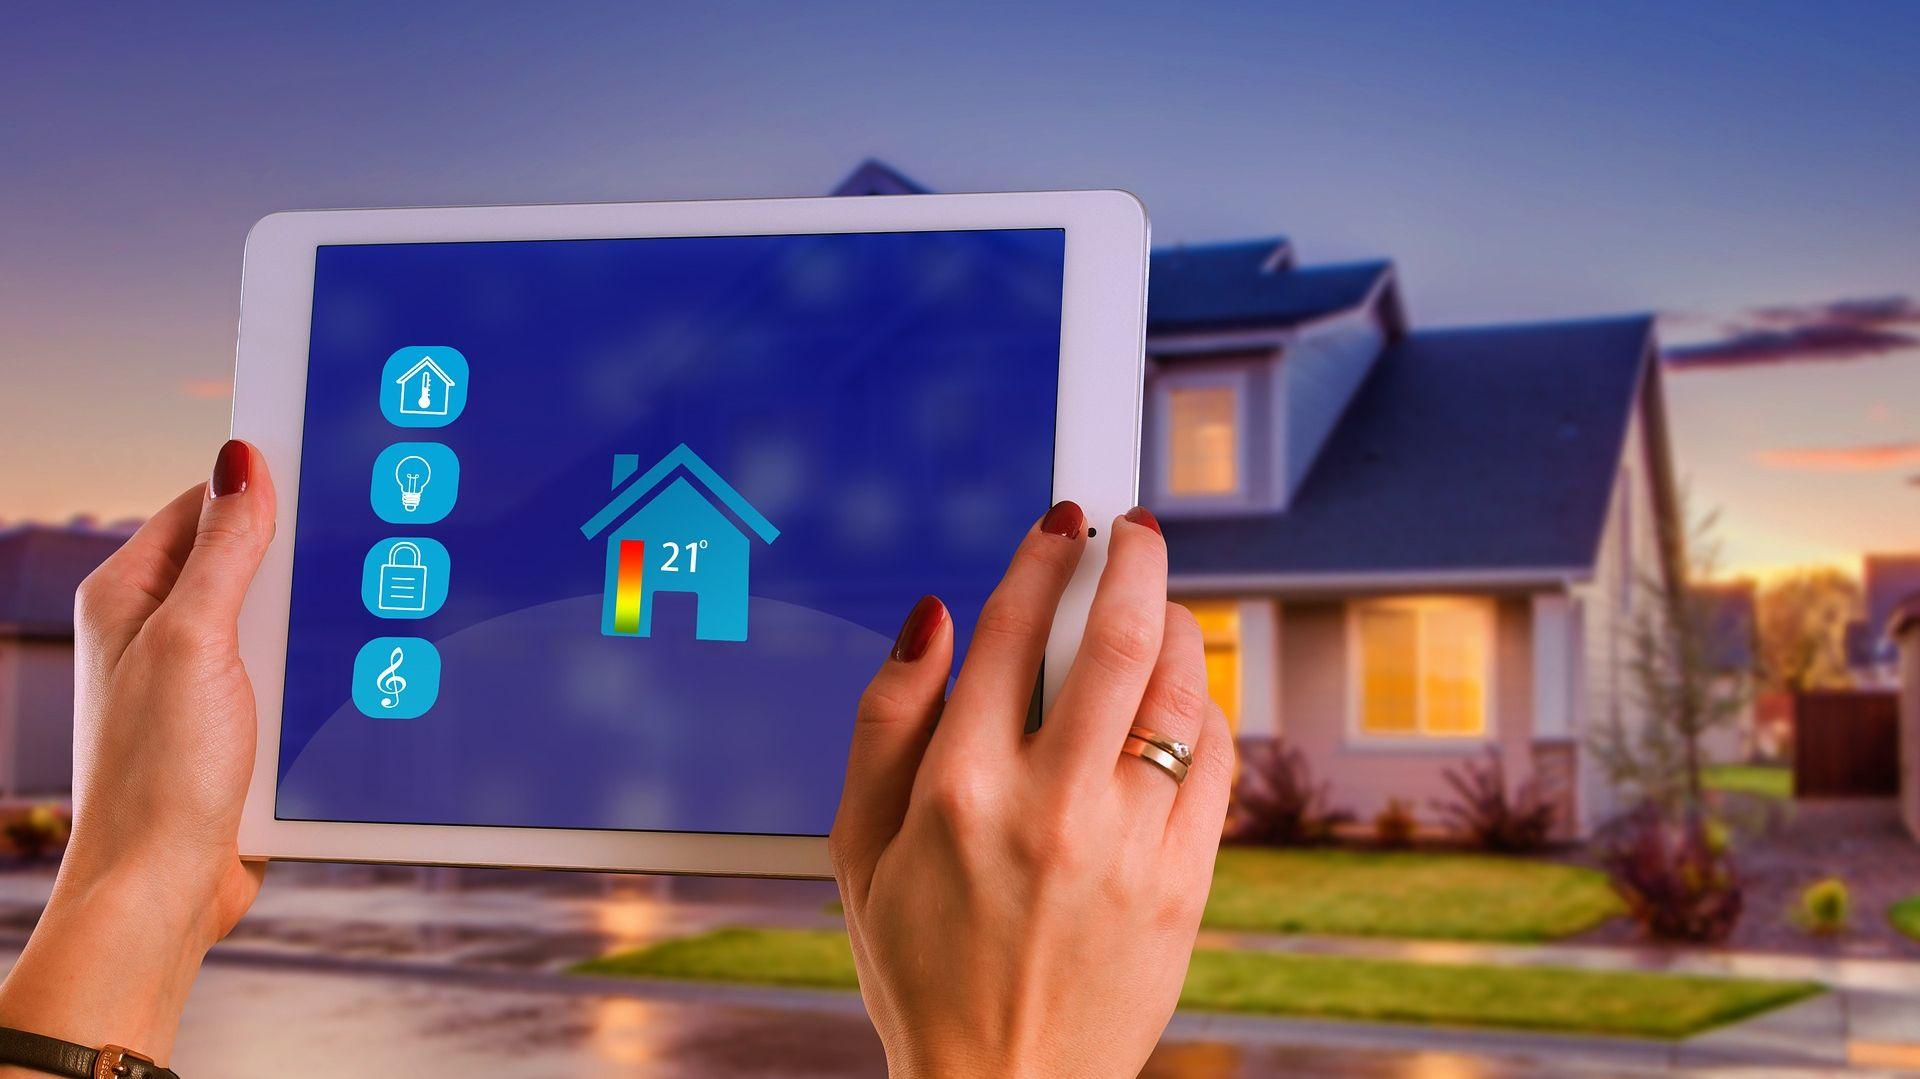 Rynek Smart Home  – w 2019 roku na rynek trafi ponad 800 mln urządzeń. Fot. mat. prasowe Retting Heating